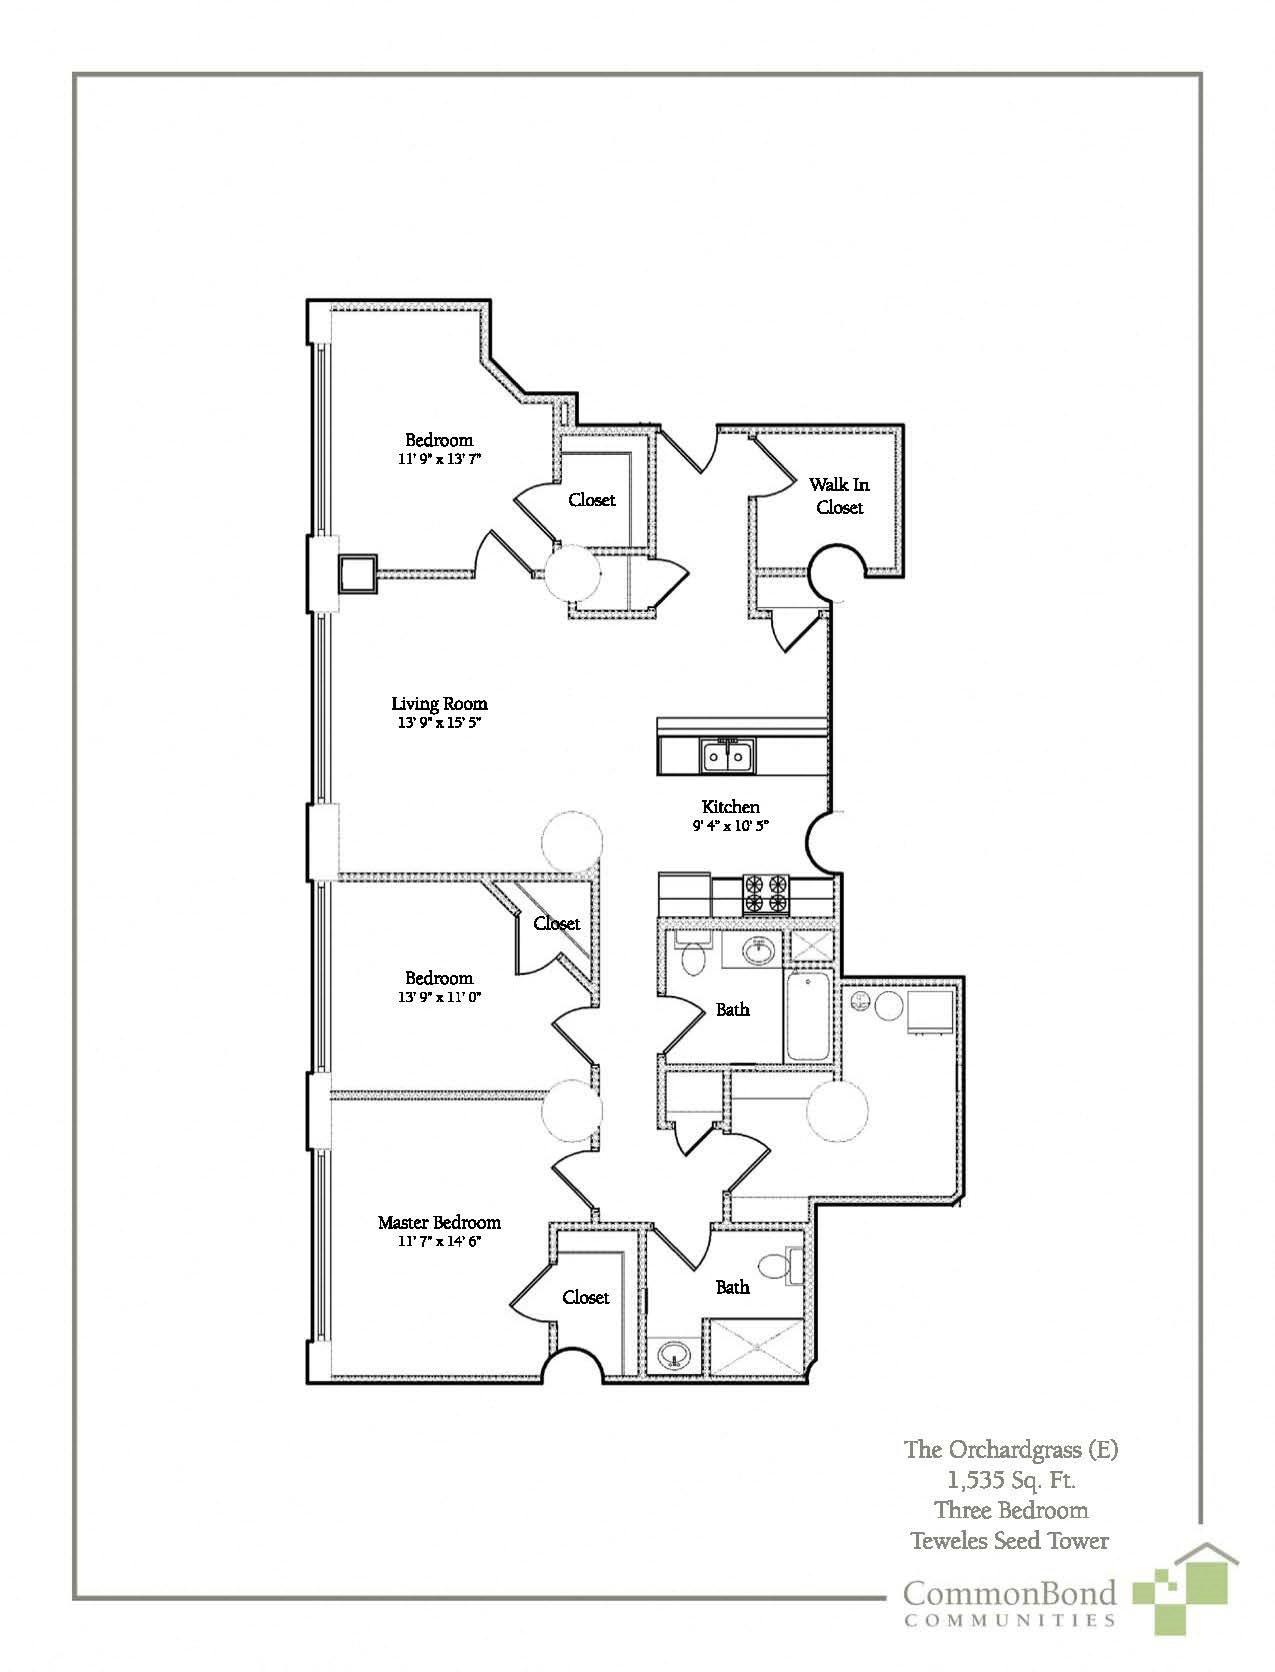 3 BR Floor Plan 7